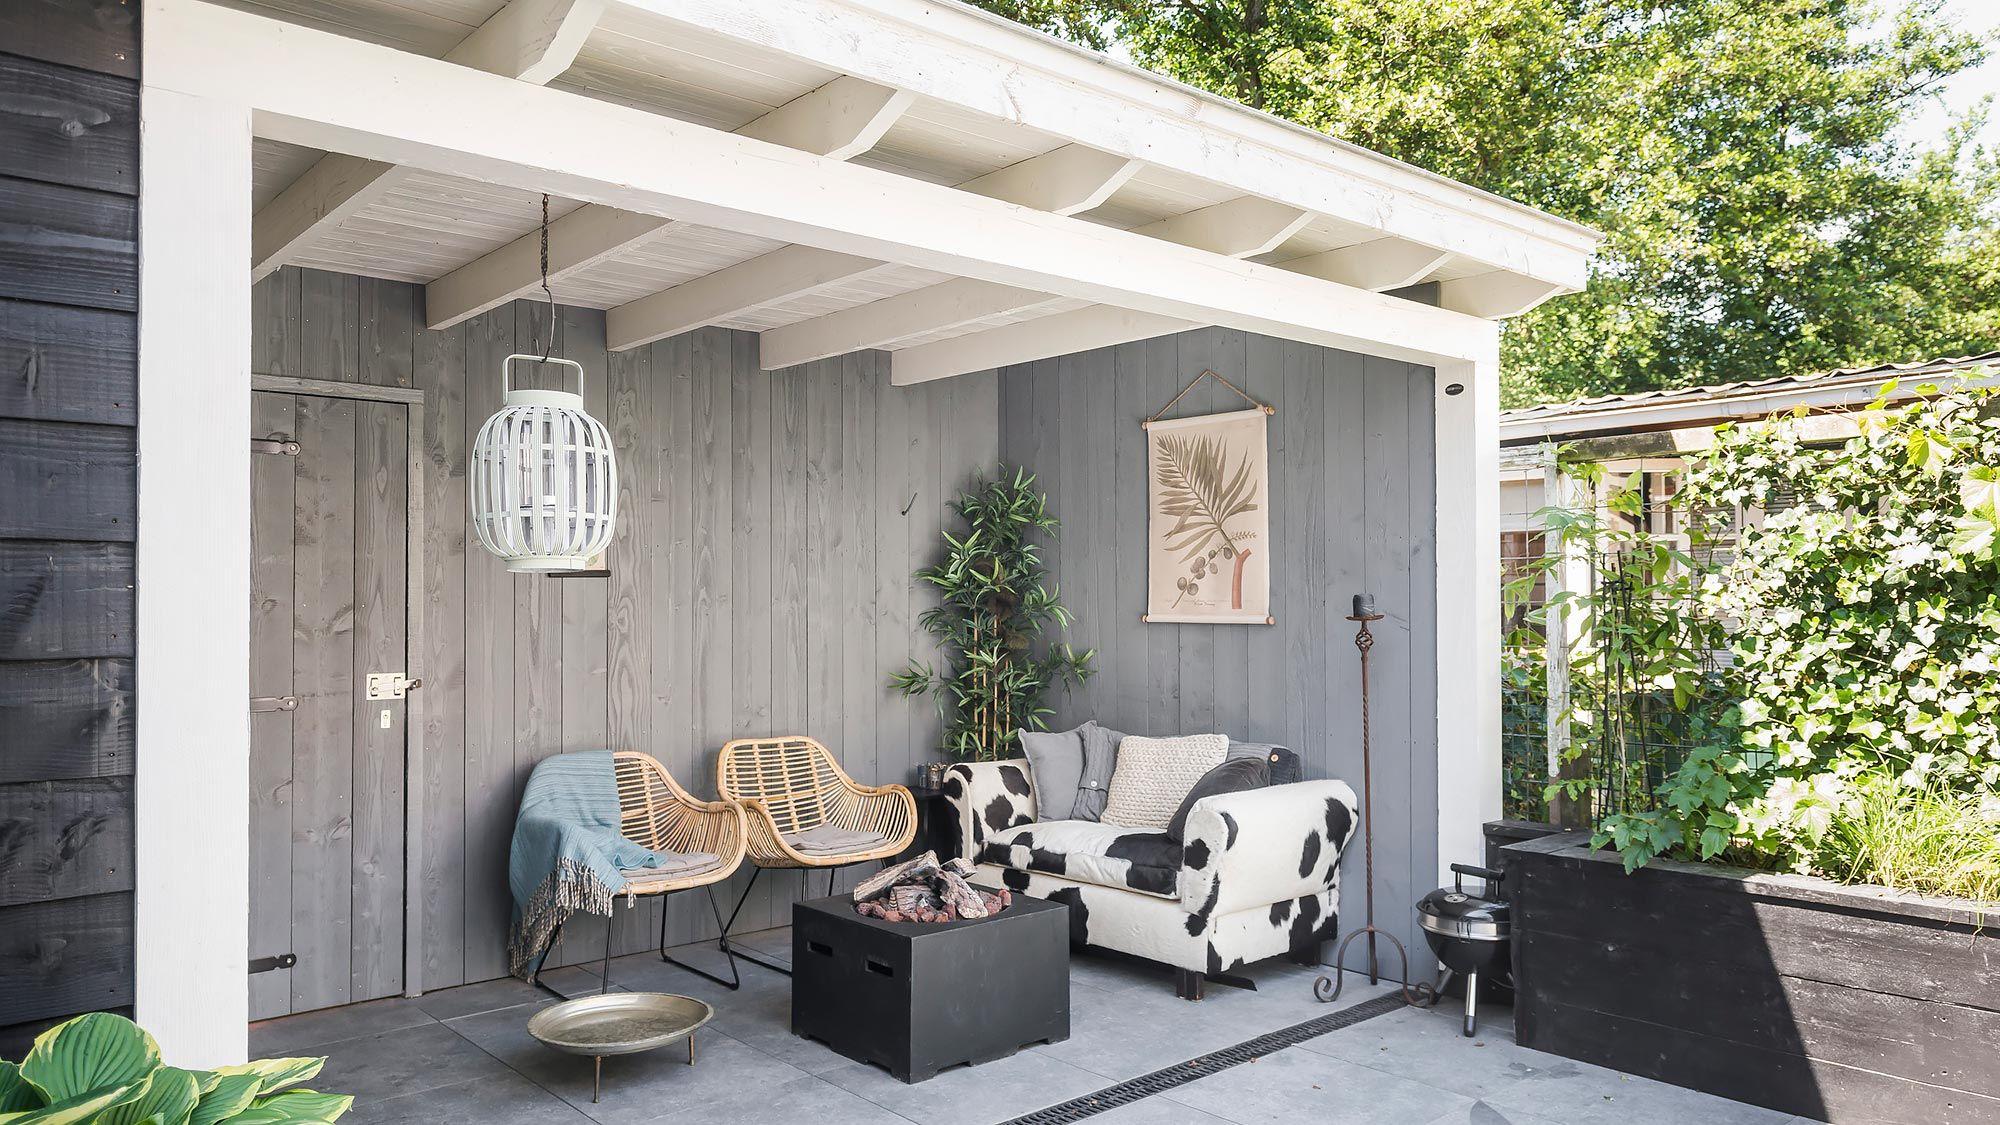 Veranda van douglas hout in grijs en wit. Met mooie Vtwonen tegels (zie website) Interesse? Neem eens contact op met Daan : 0634931369 Www.buitenpracht-houtbouw.nl